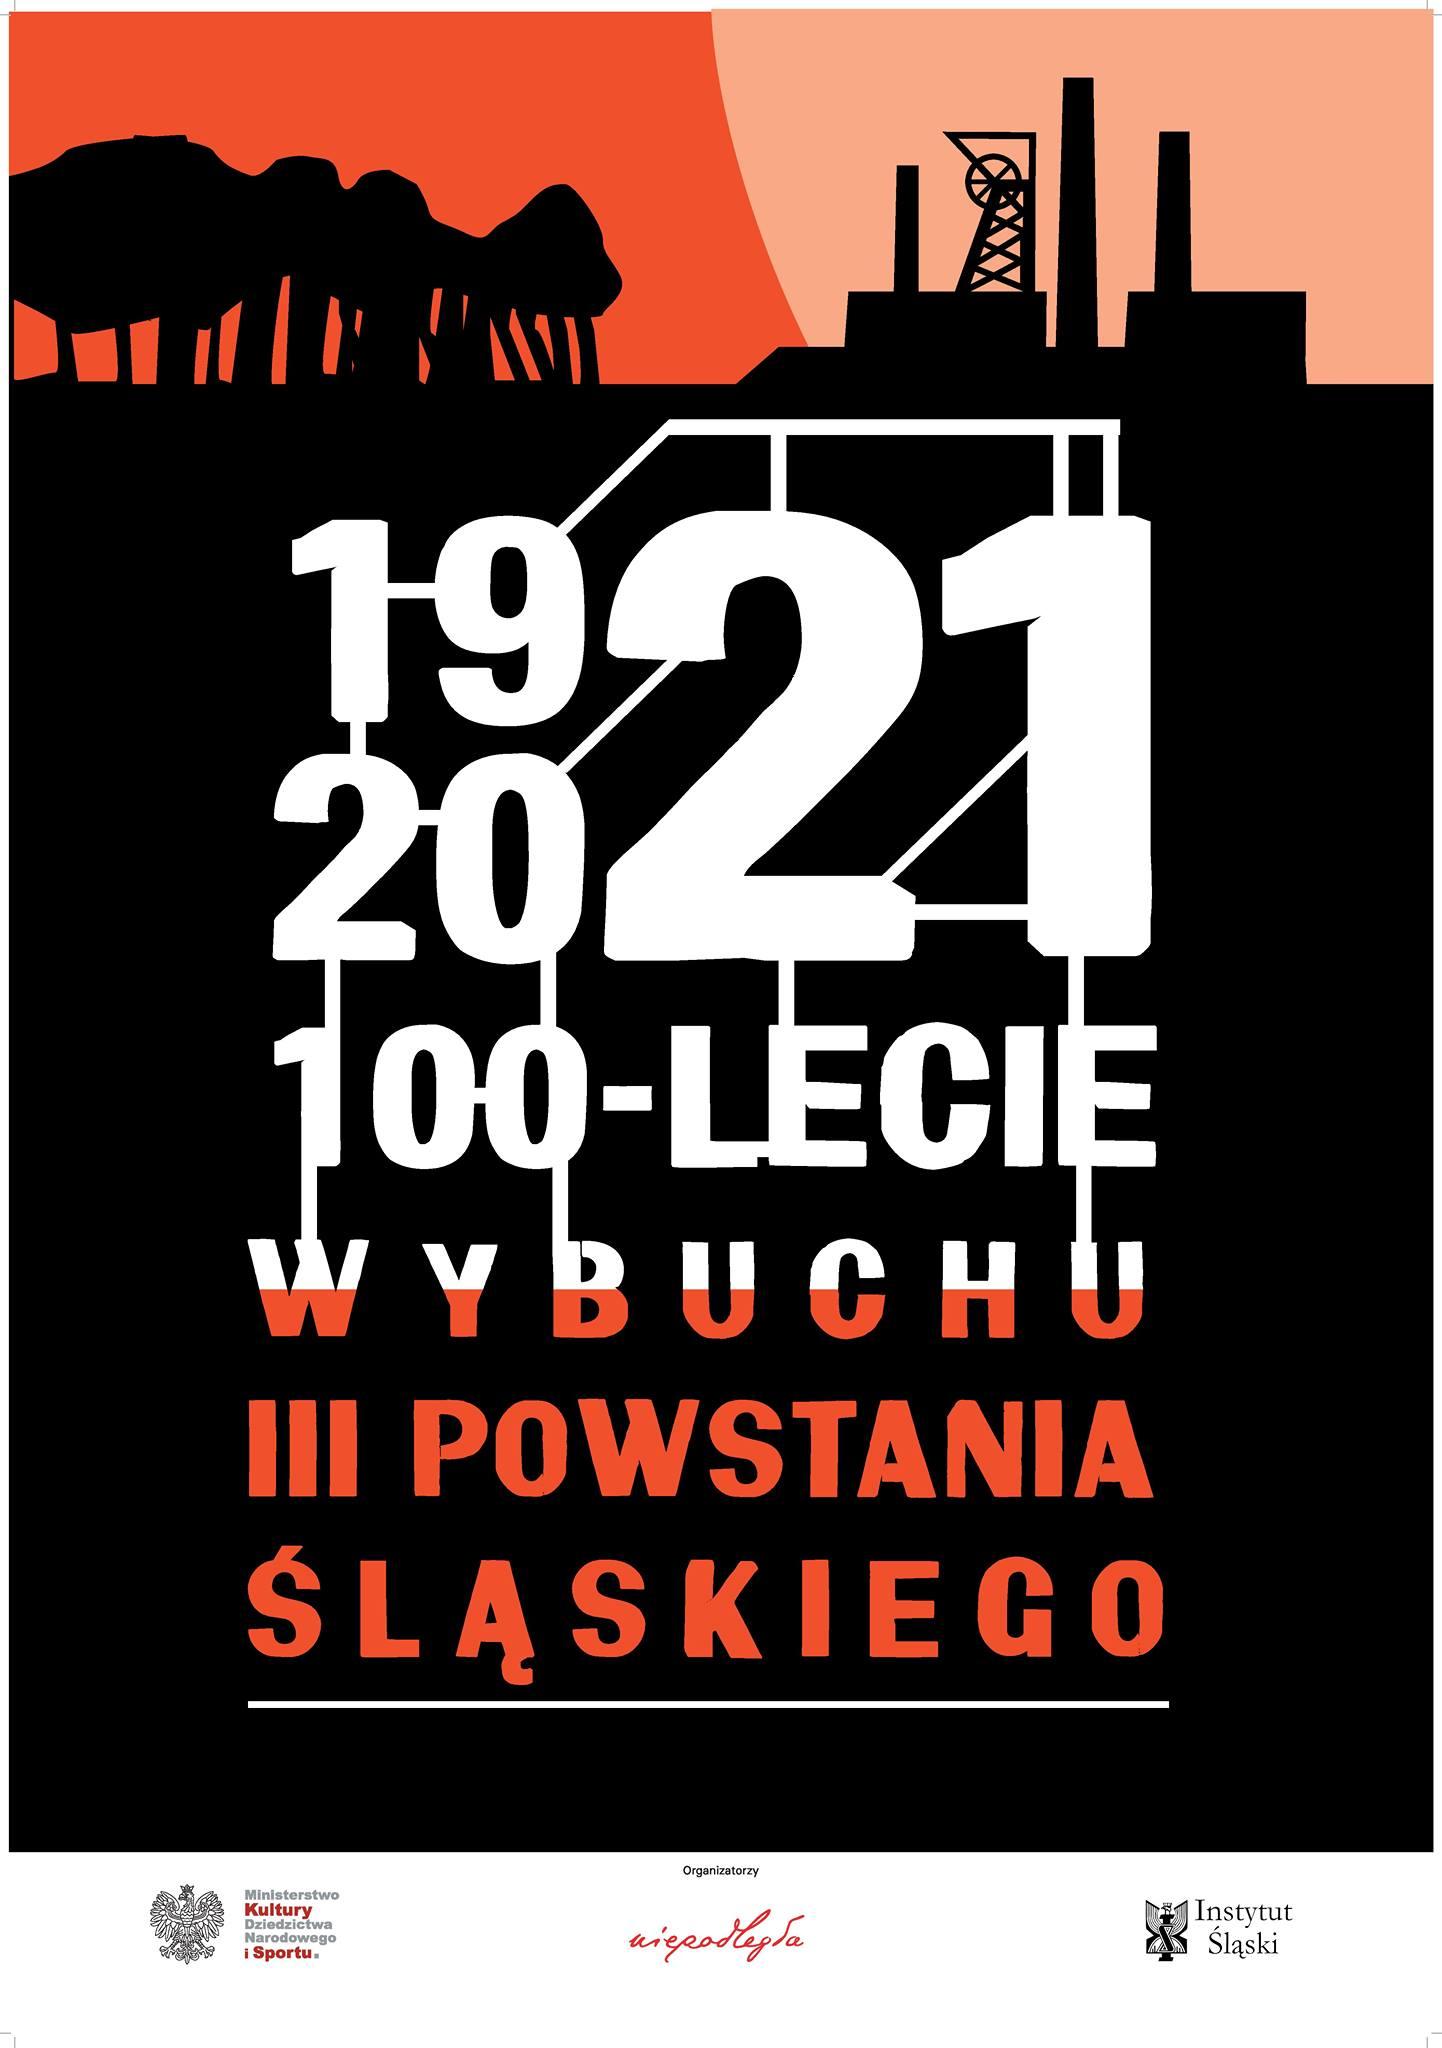 plakat na 100-lecie wybuchu III Powstania Śląskiego